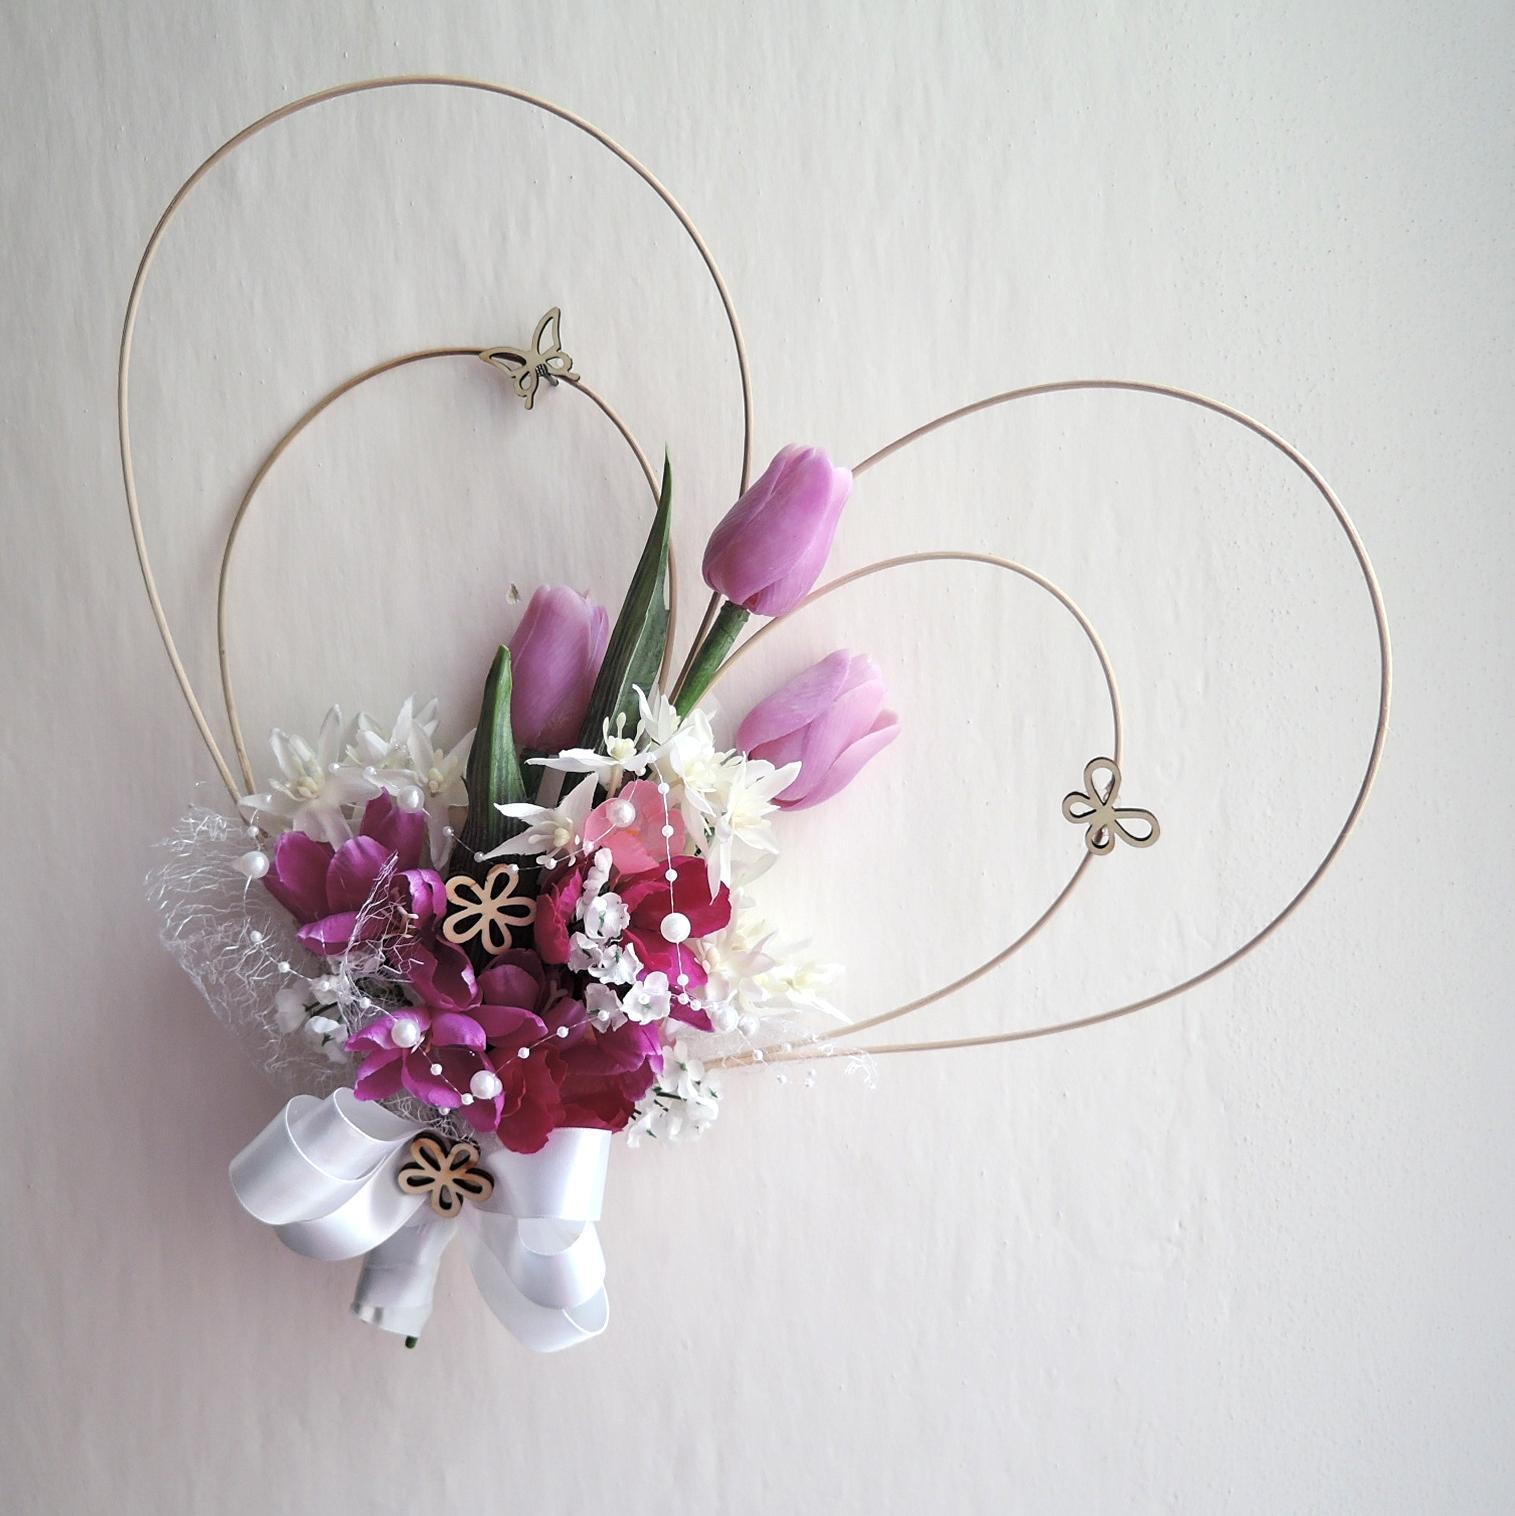 """dekorace na auto """"Tři fialové tulipány"""" - Obrázek č. 1"""